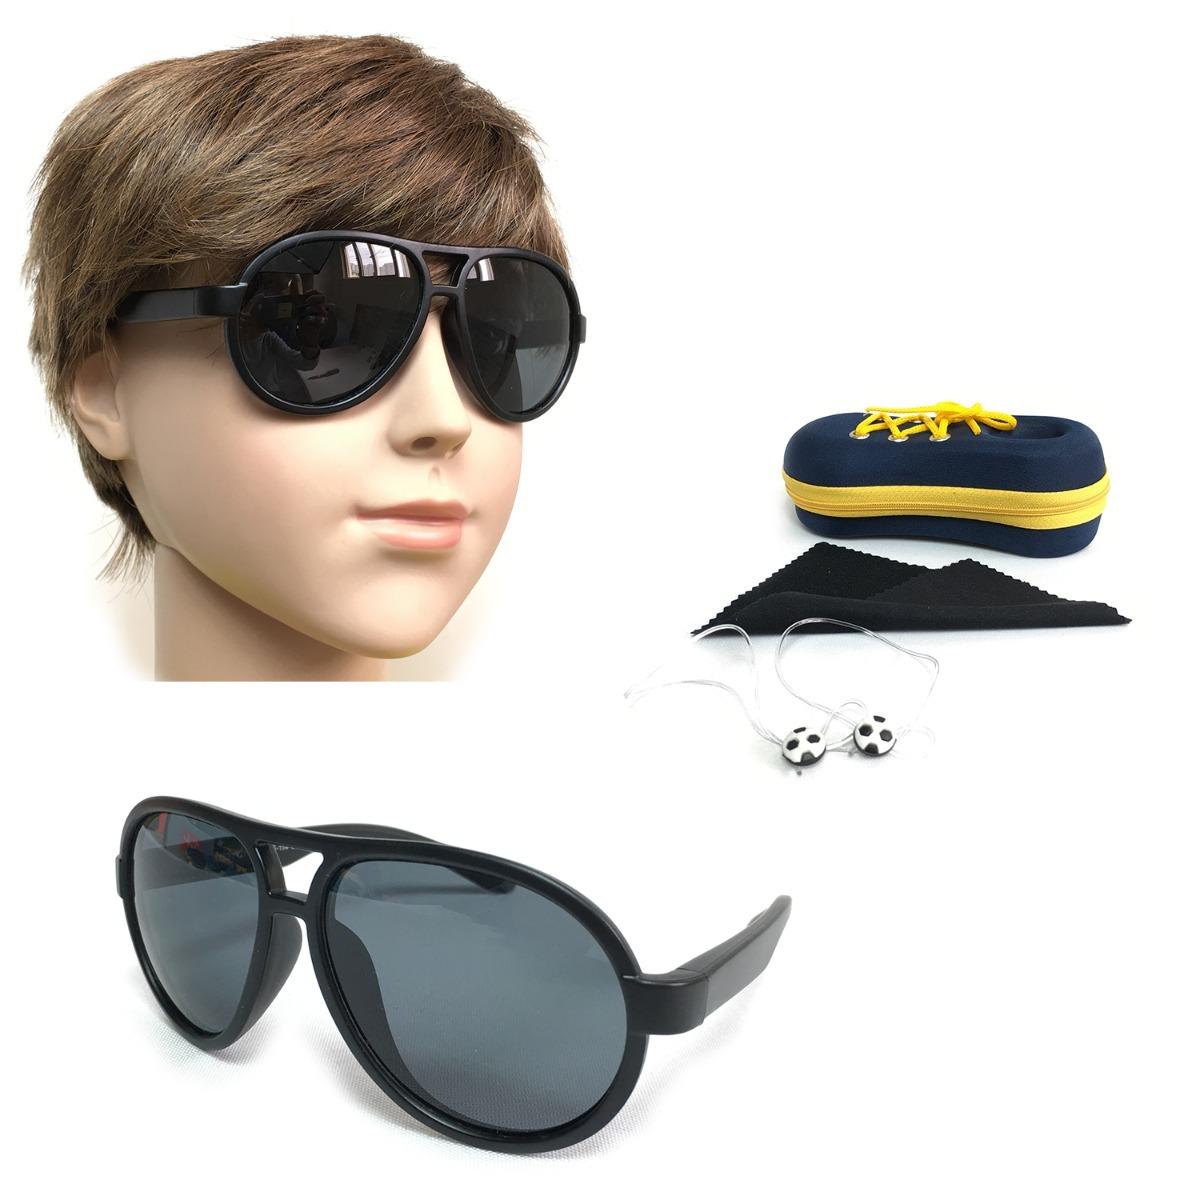 Óculos De Sol Infantil Plastico Silicone Menino T1531 - R  53,46 em ... 5035abed61